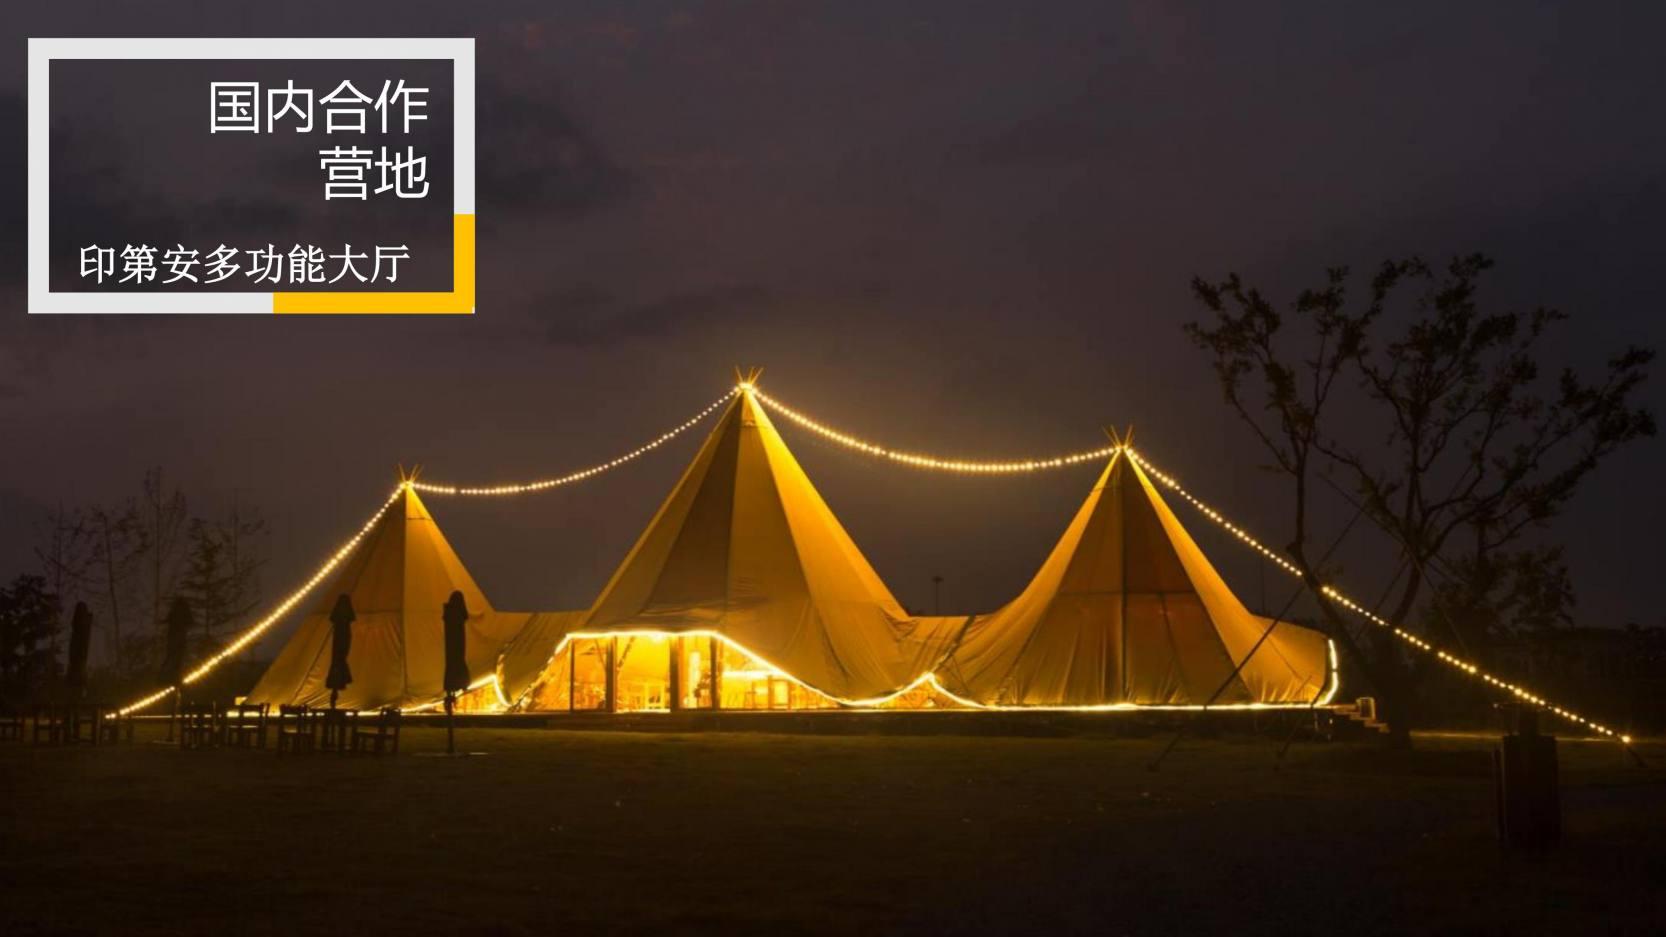 喜马拉雅野奢帐篷 (15)